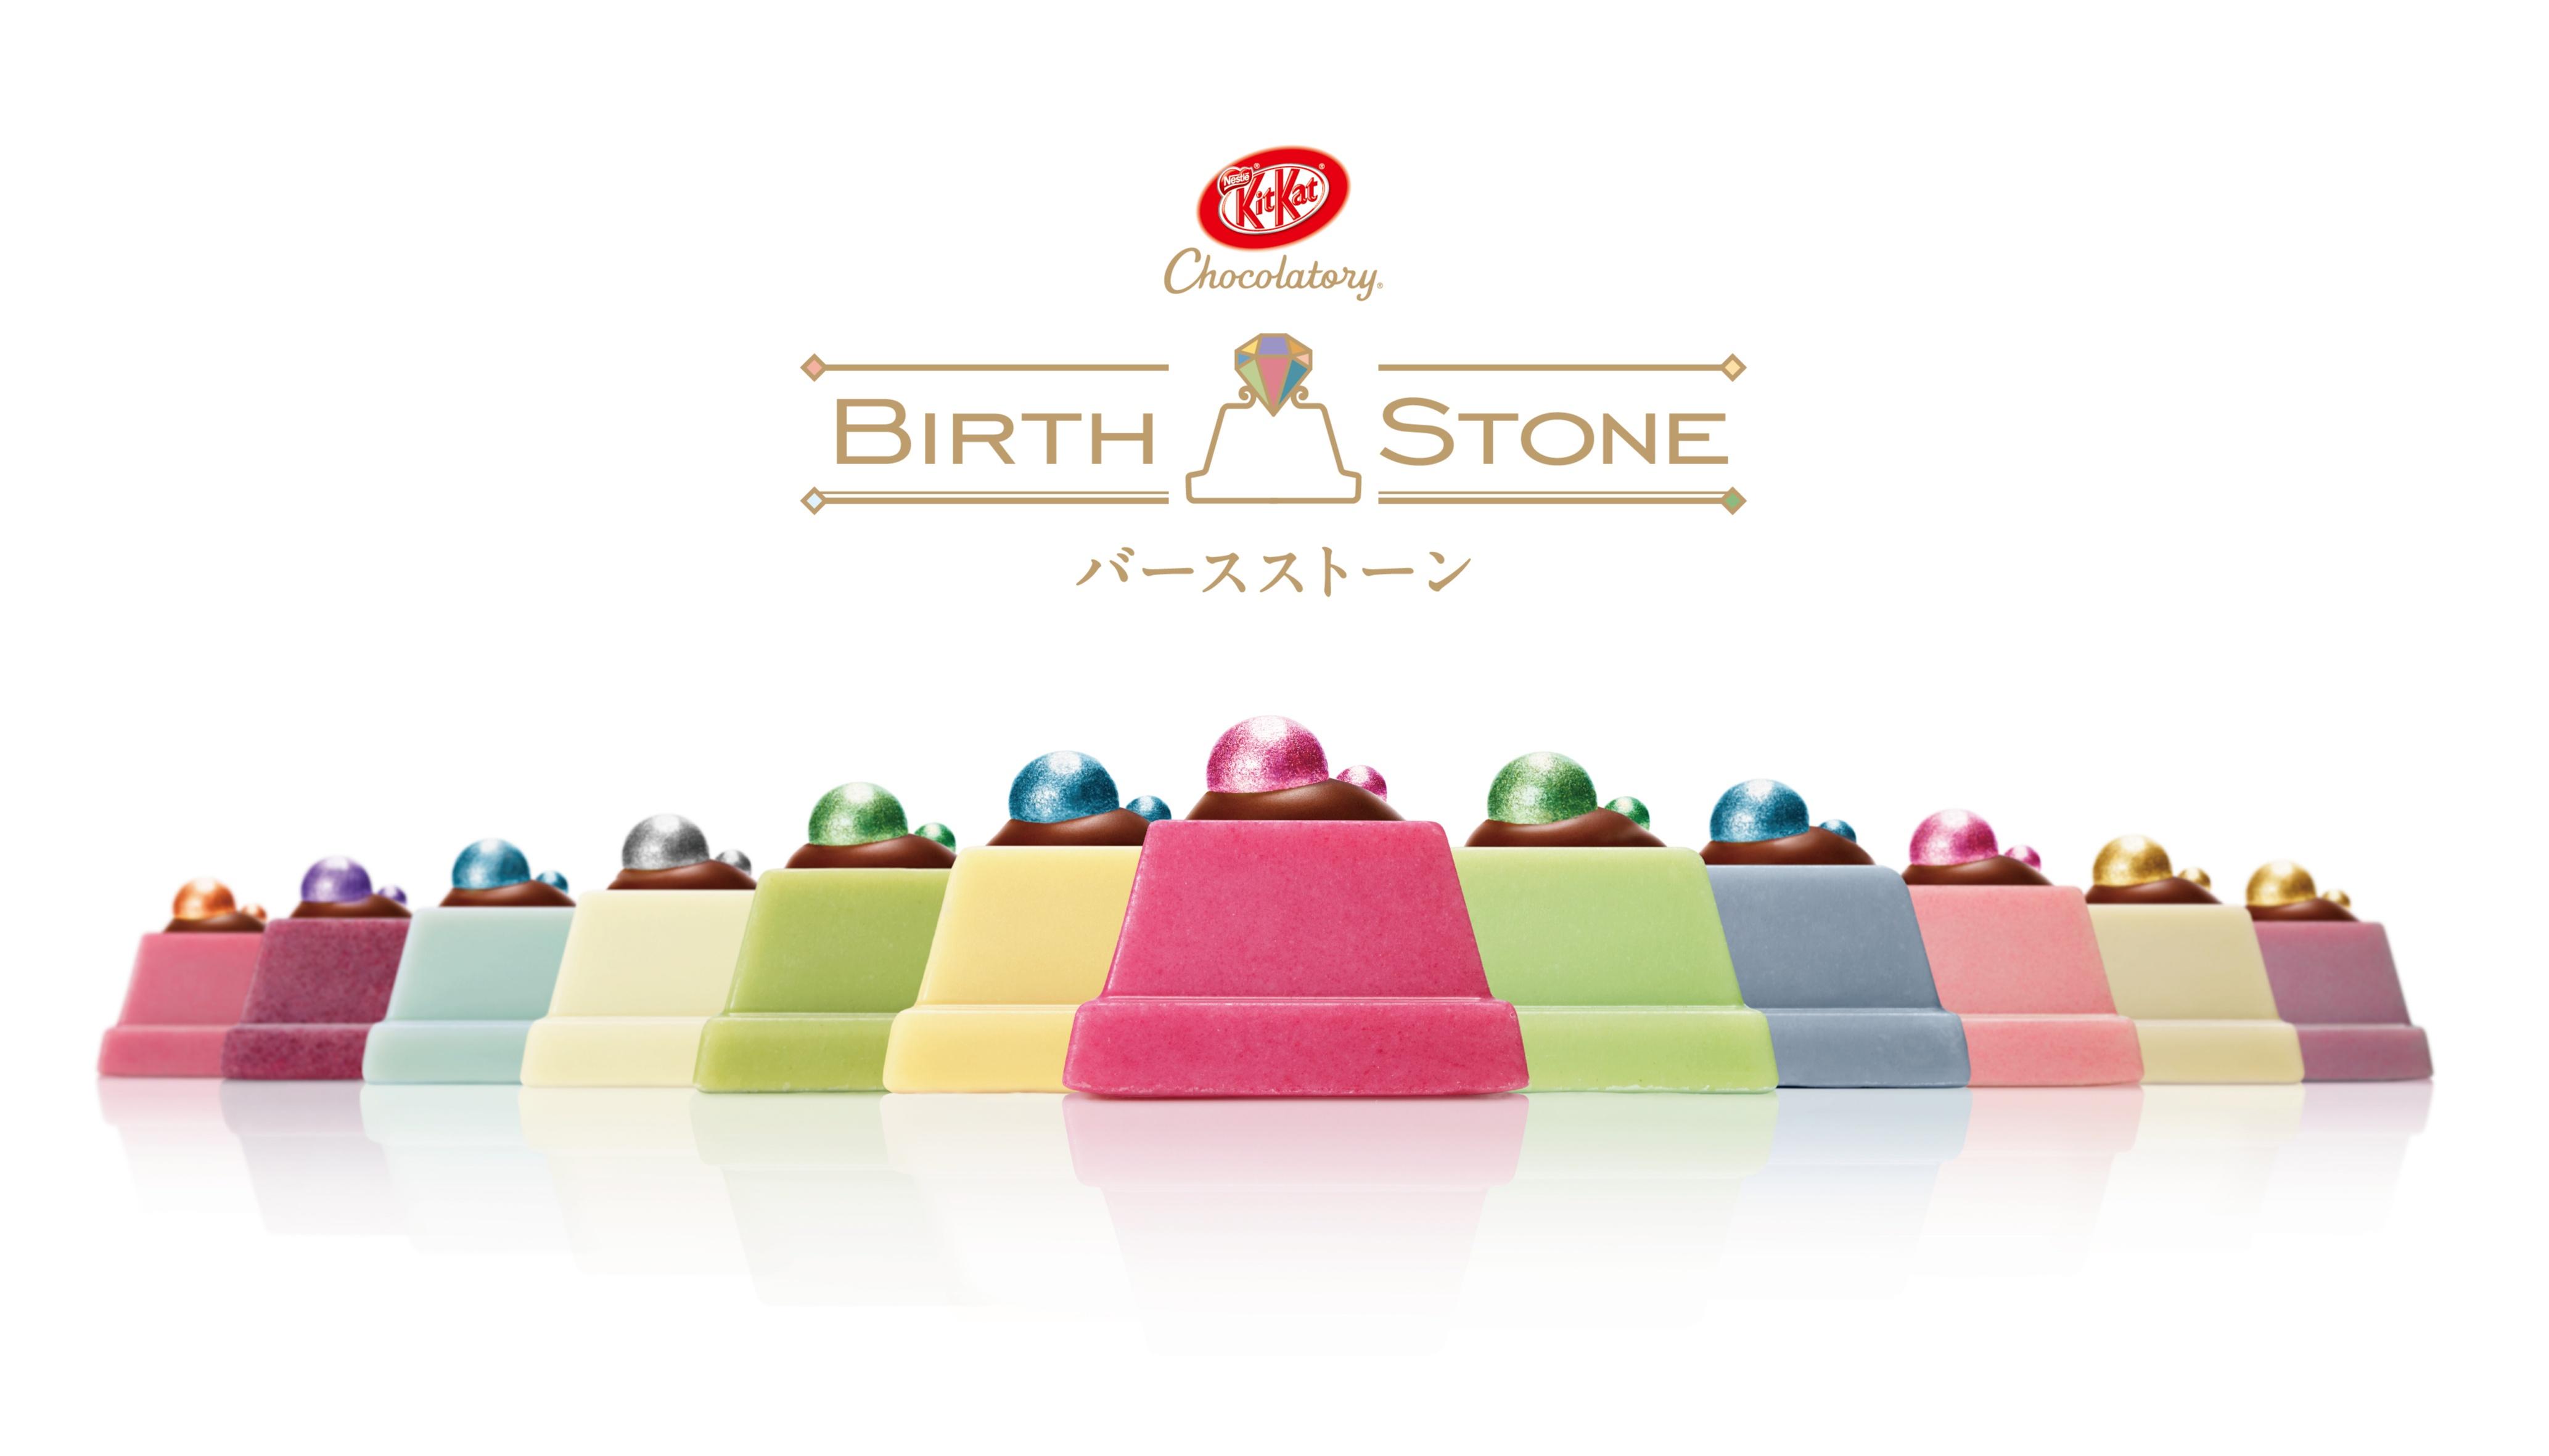 これ以上のバースデーギフトがあるだろうか!? 『キットカット ショコラトリー』で誕生石をイメージしたキットカットを発売中♡_1